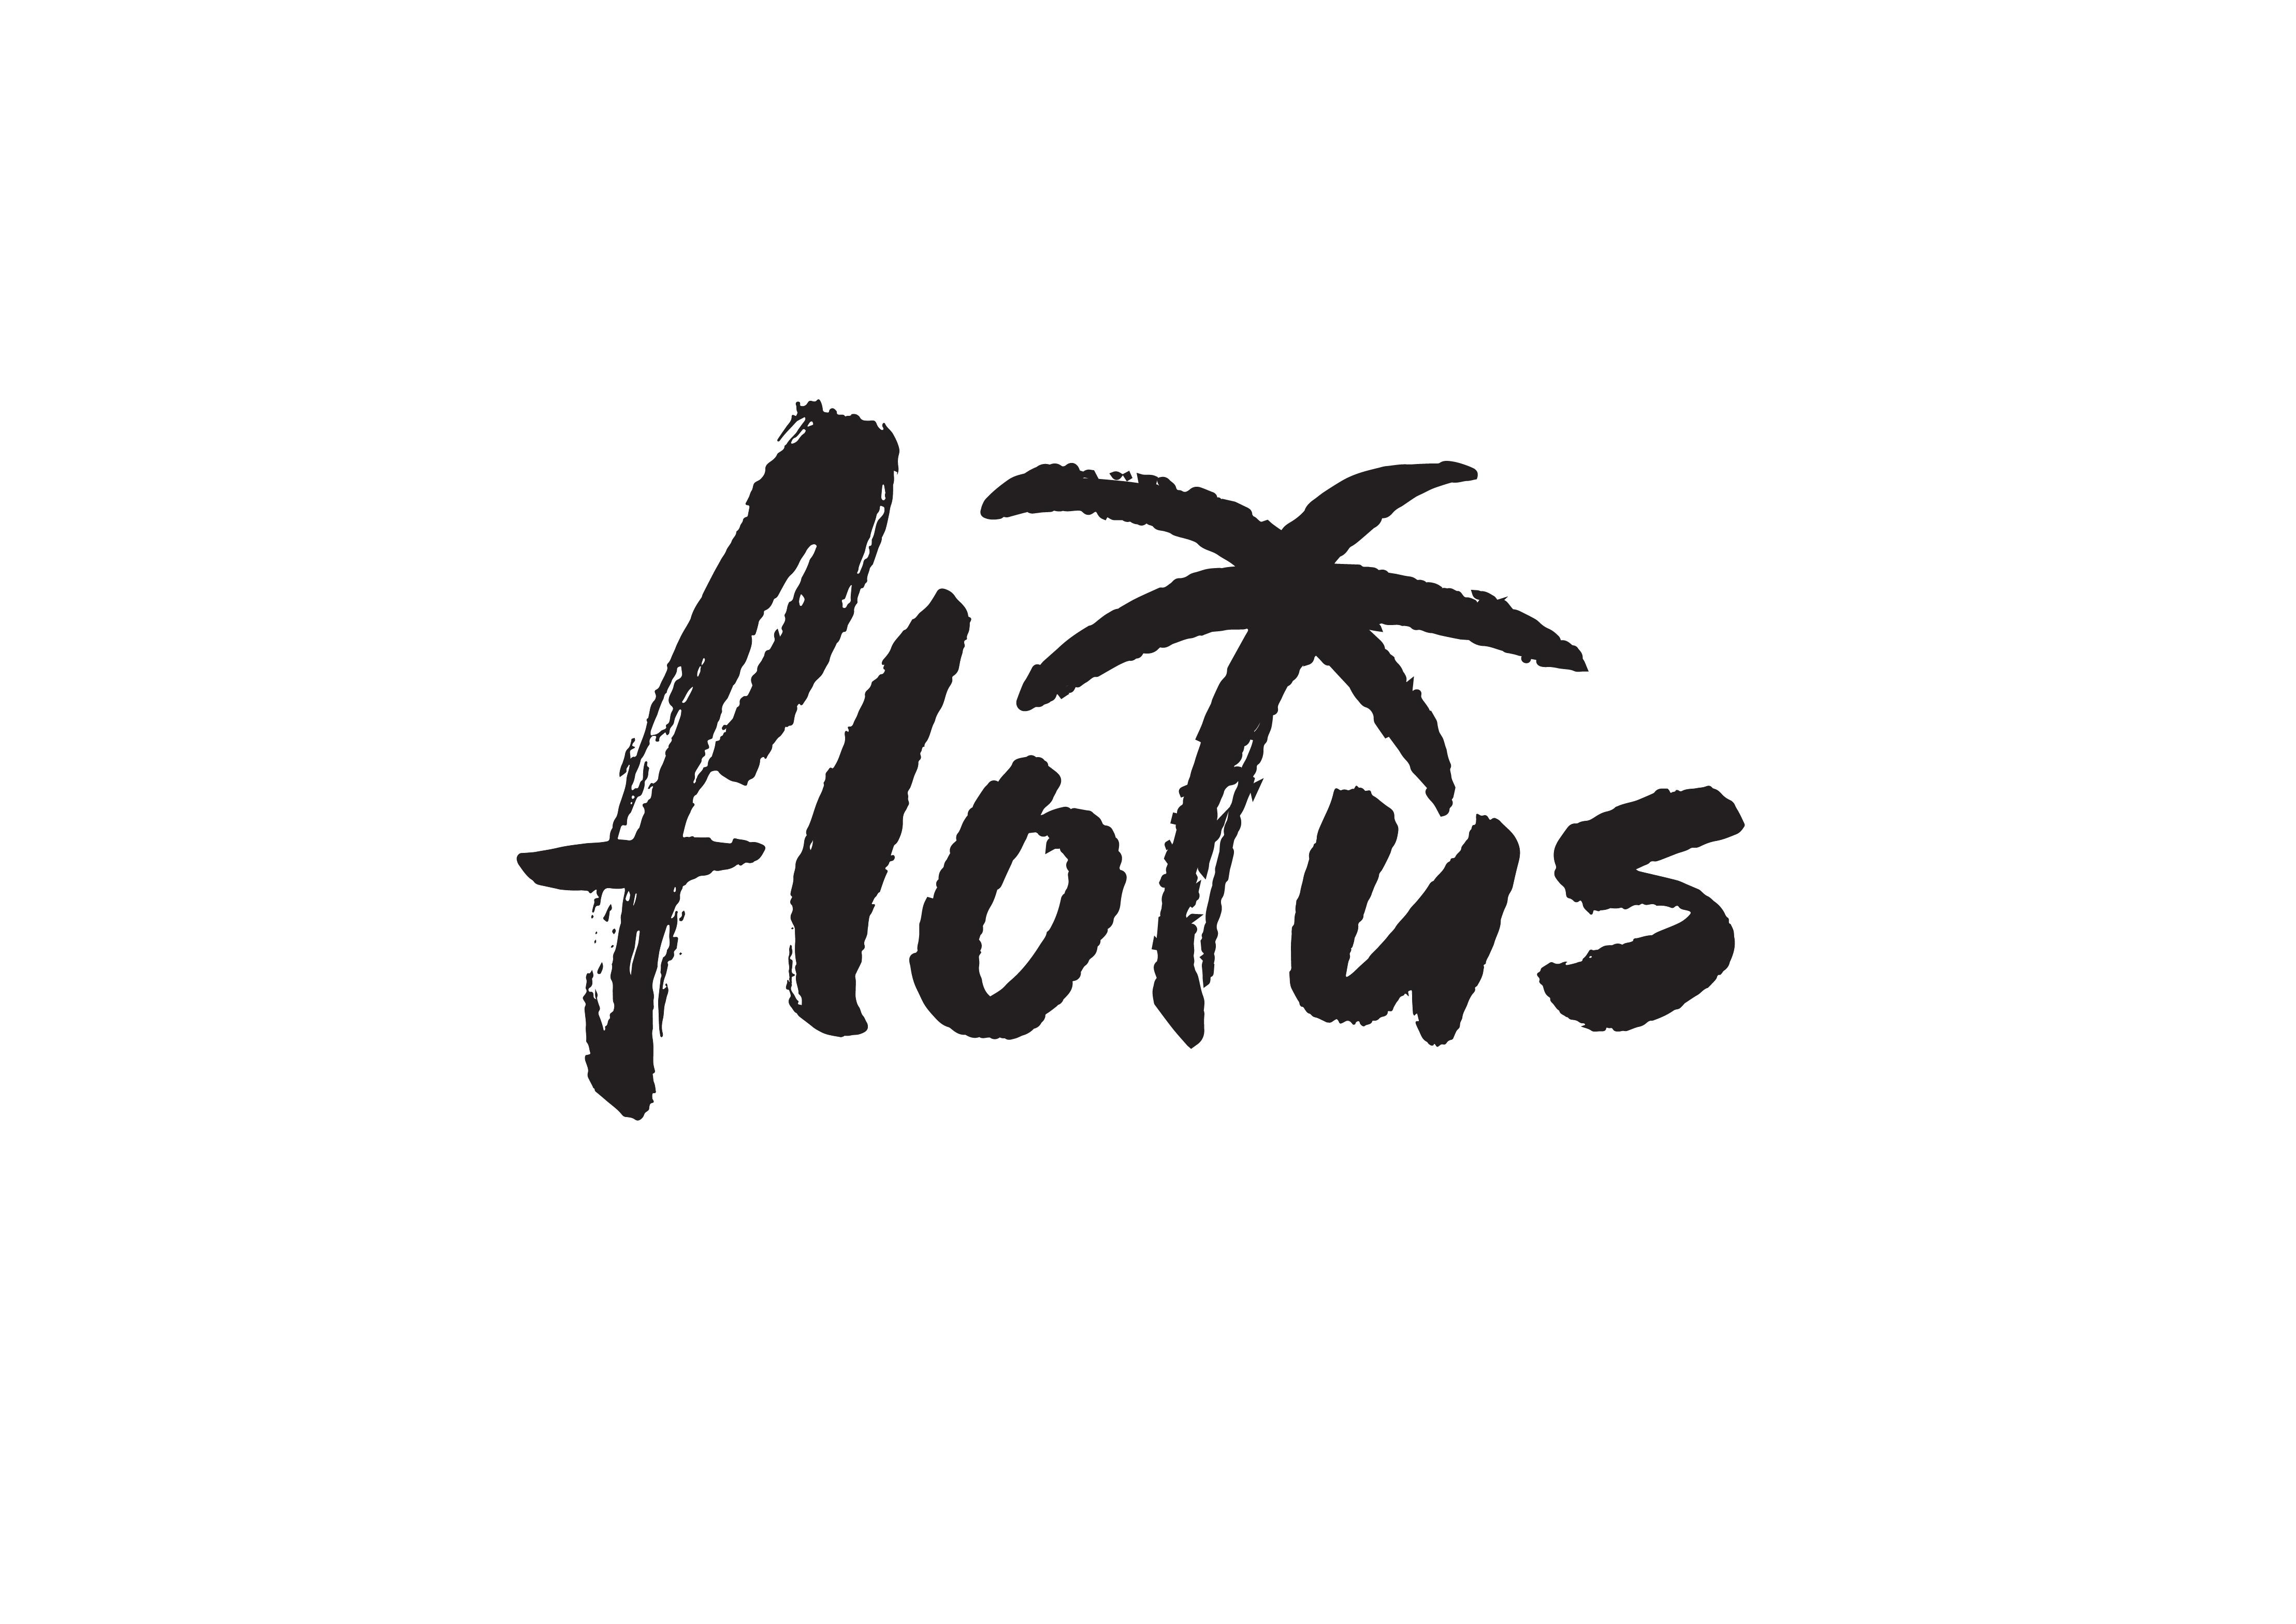 flotus_logo_cmyk-06 – NoSubline_jpg